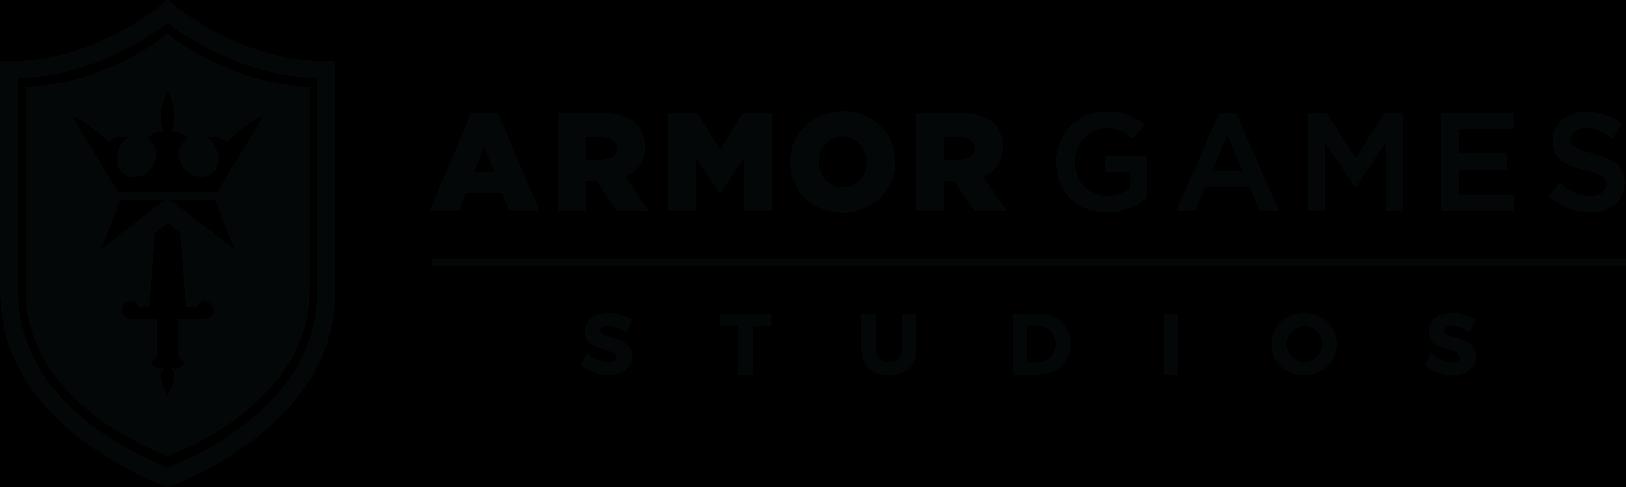 armor game logo